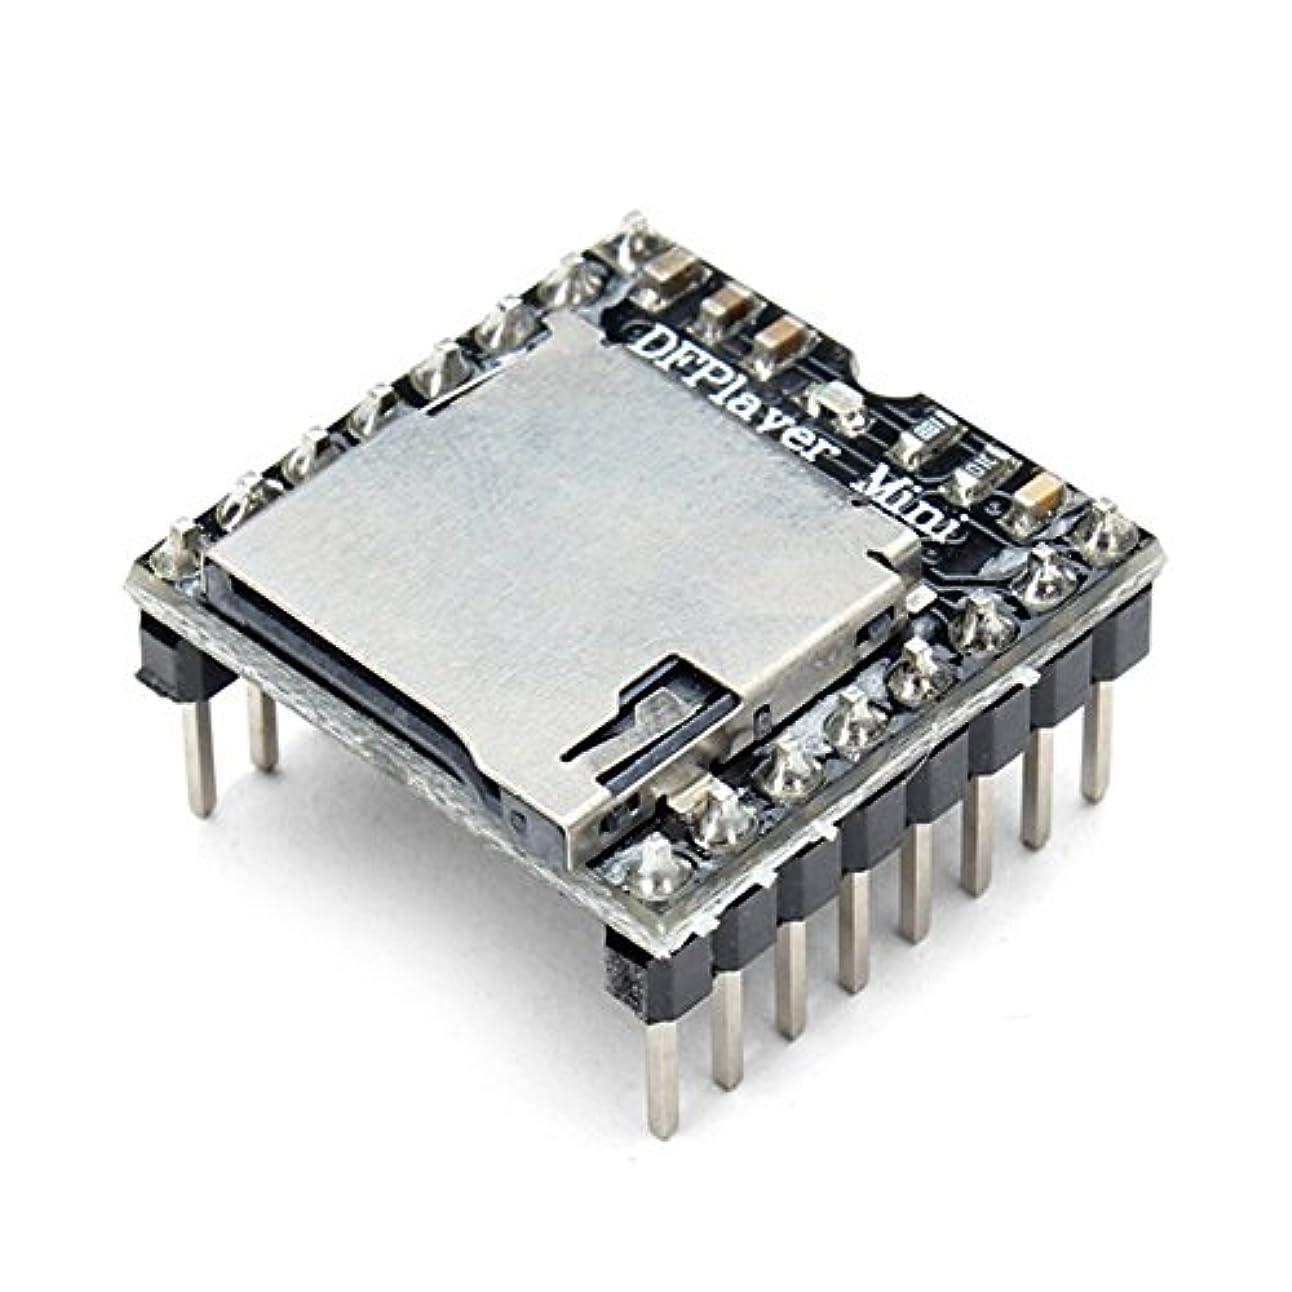 特殊邪悪な彼はlongruner DFPlayer Mini mp3プレーヤーモジュールfor Arduino lk01